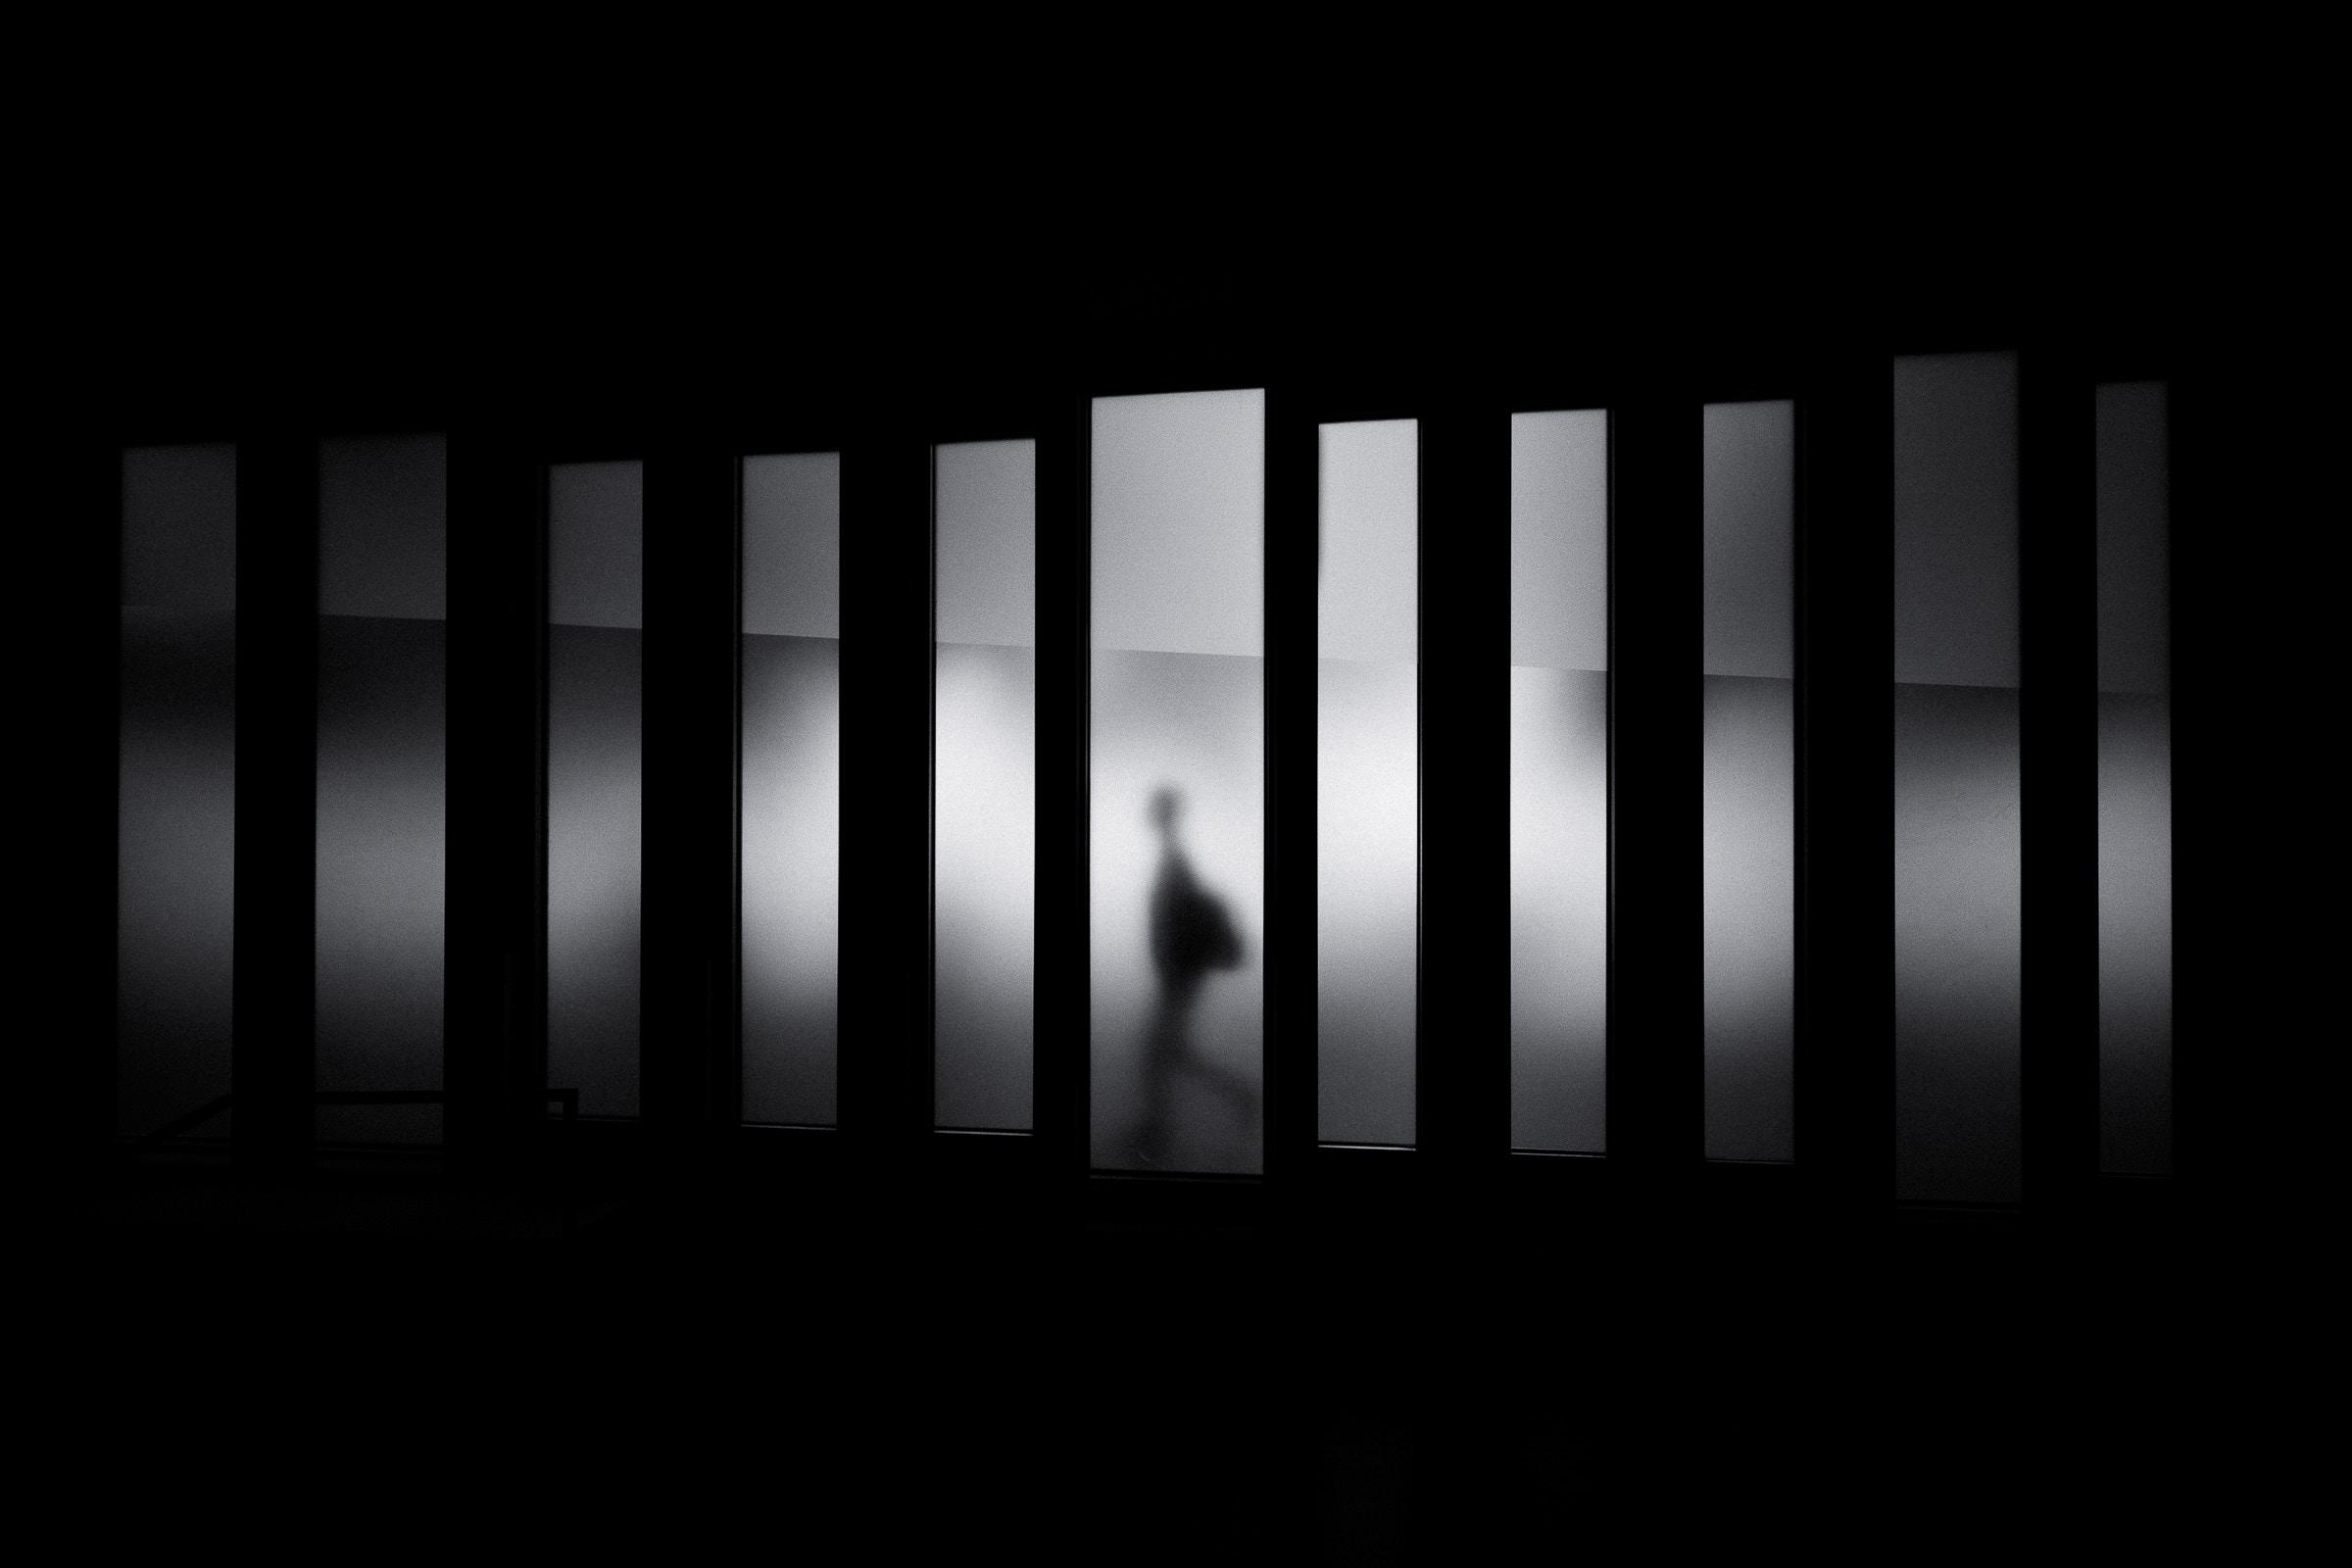 Connu Images Gratuites : lumière, noir et blanc, nuit, la photographie  QP51